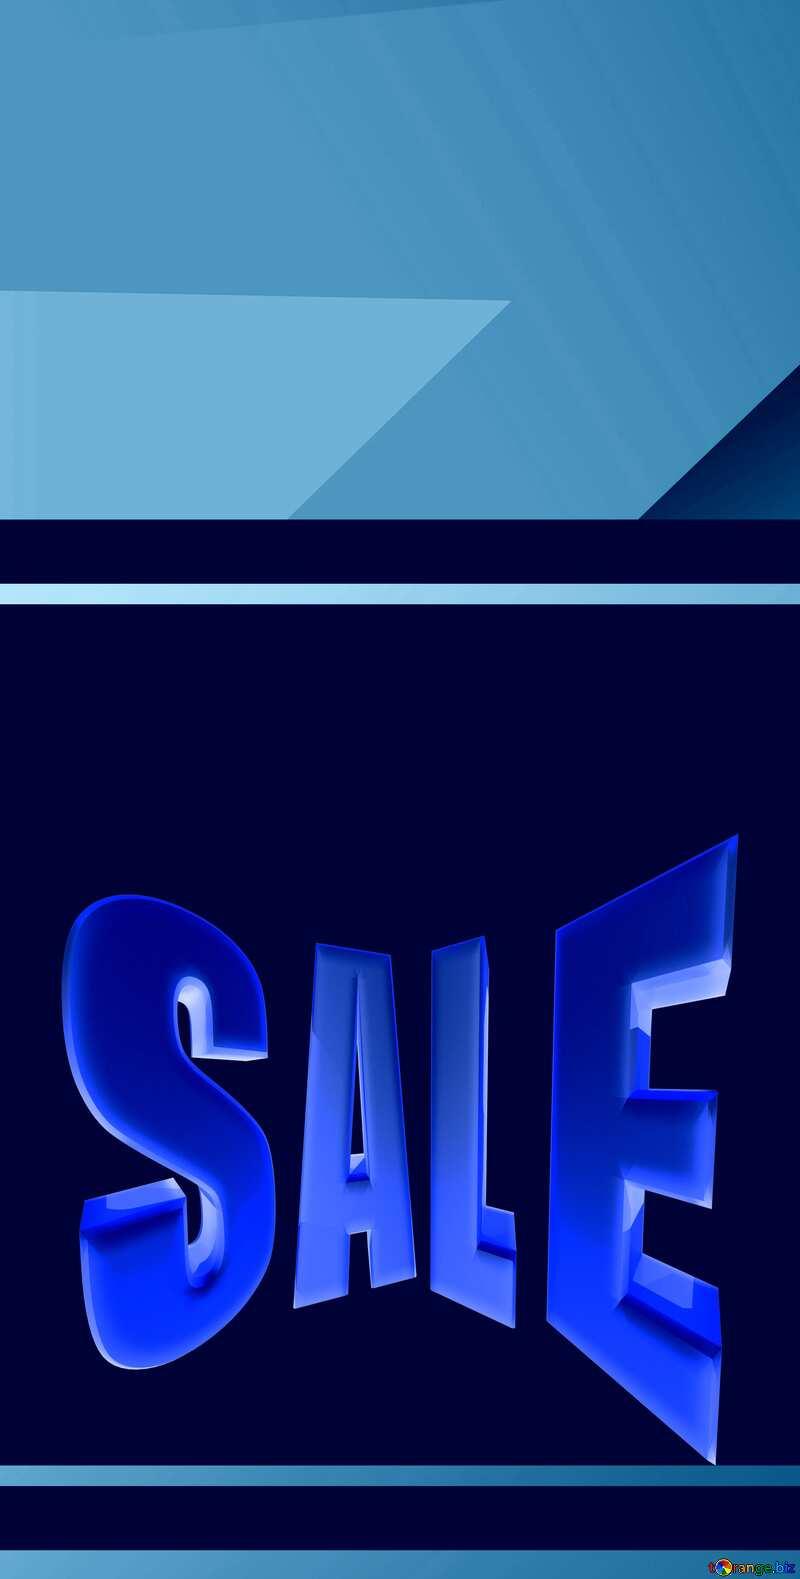 illustration template frame pattern Sales promotion 3d Gold letters sale background №49675